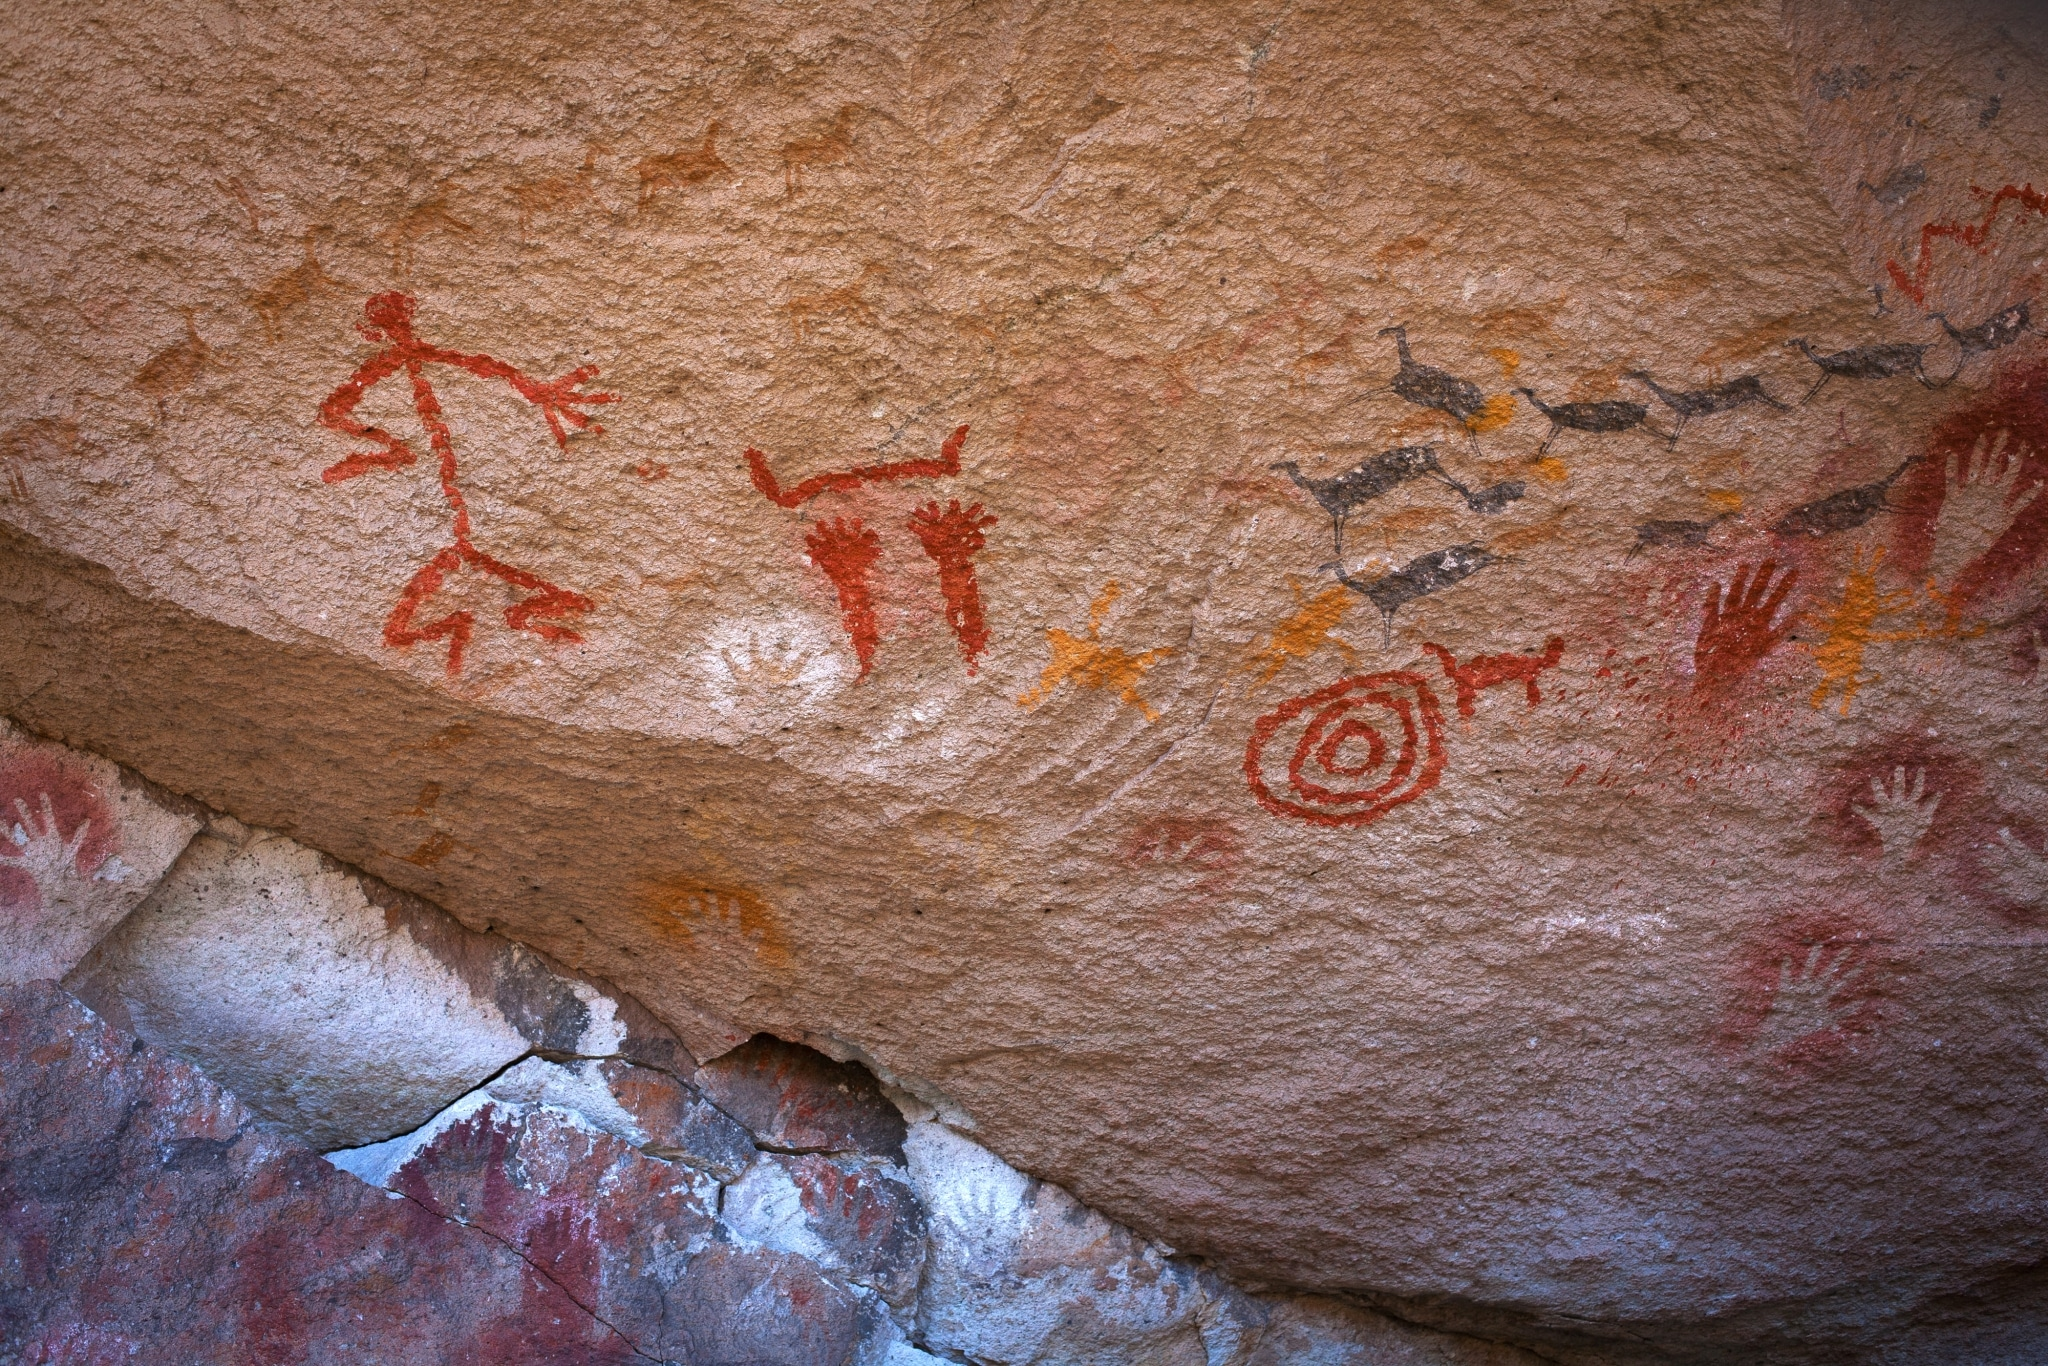 Pinturas rupestres en la Cueva de las Manos, Argentina